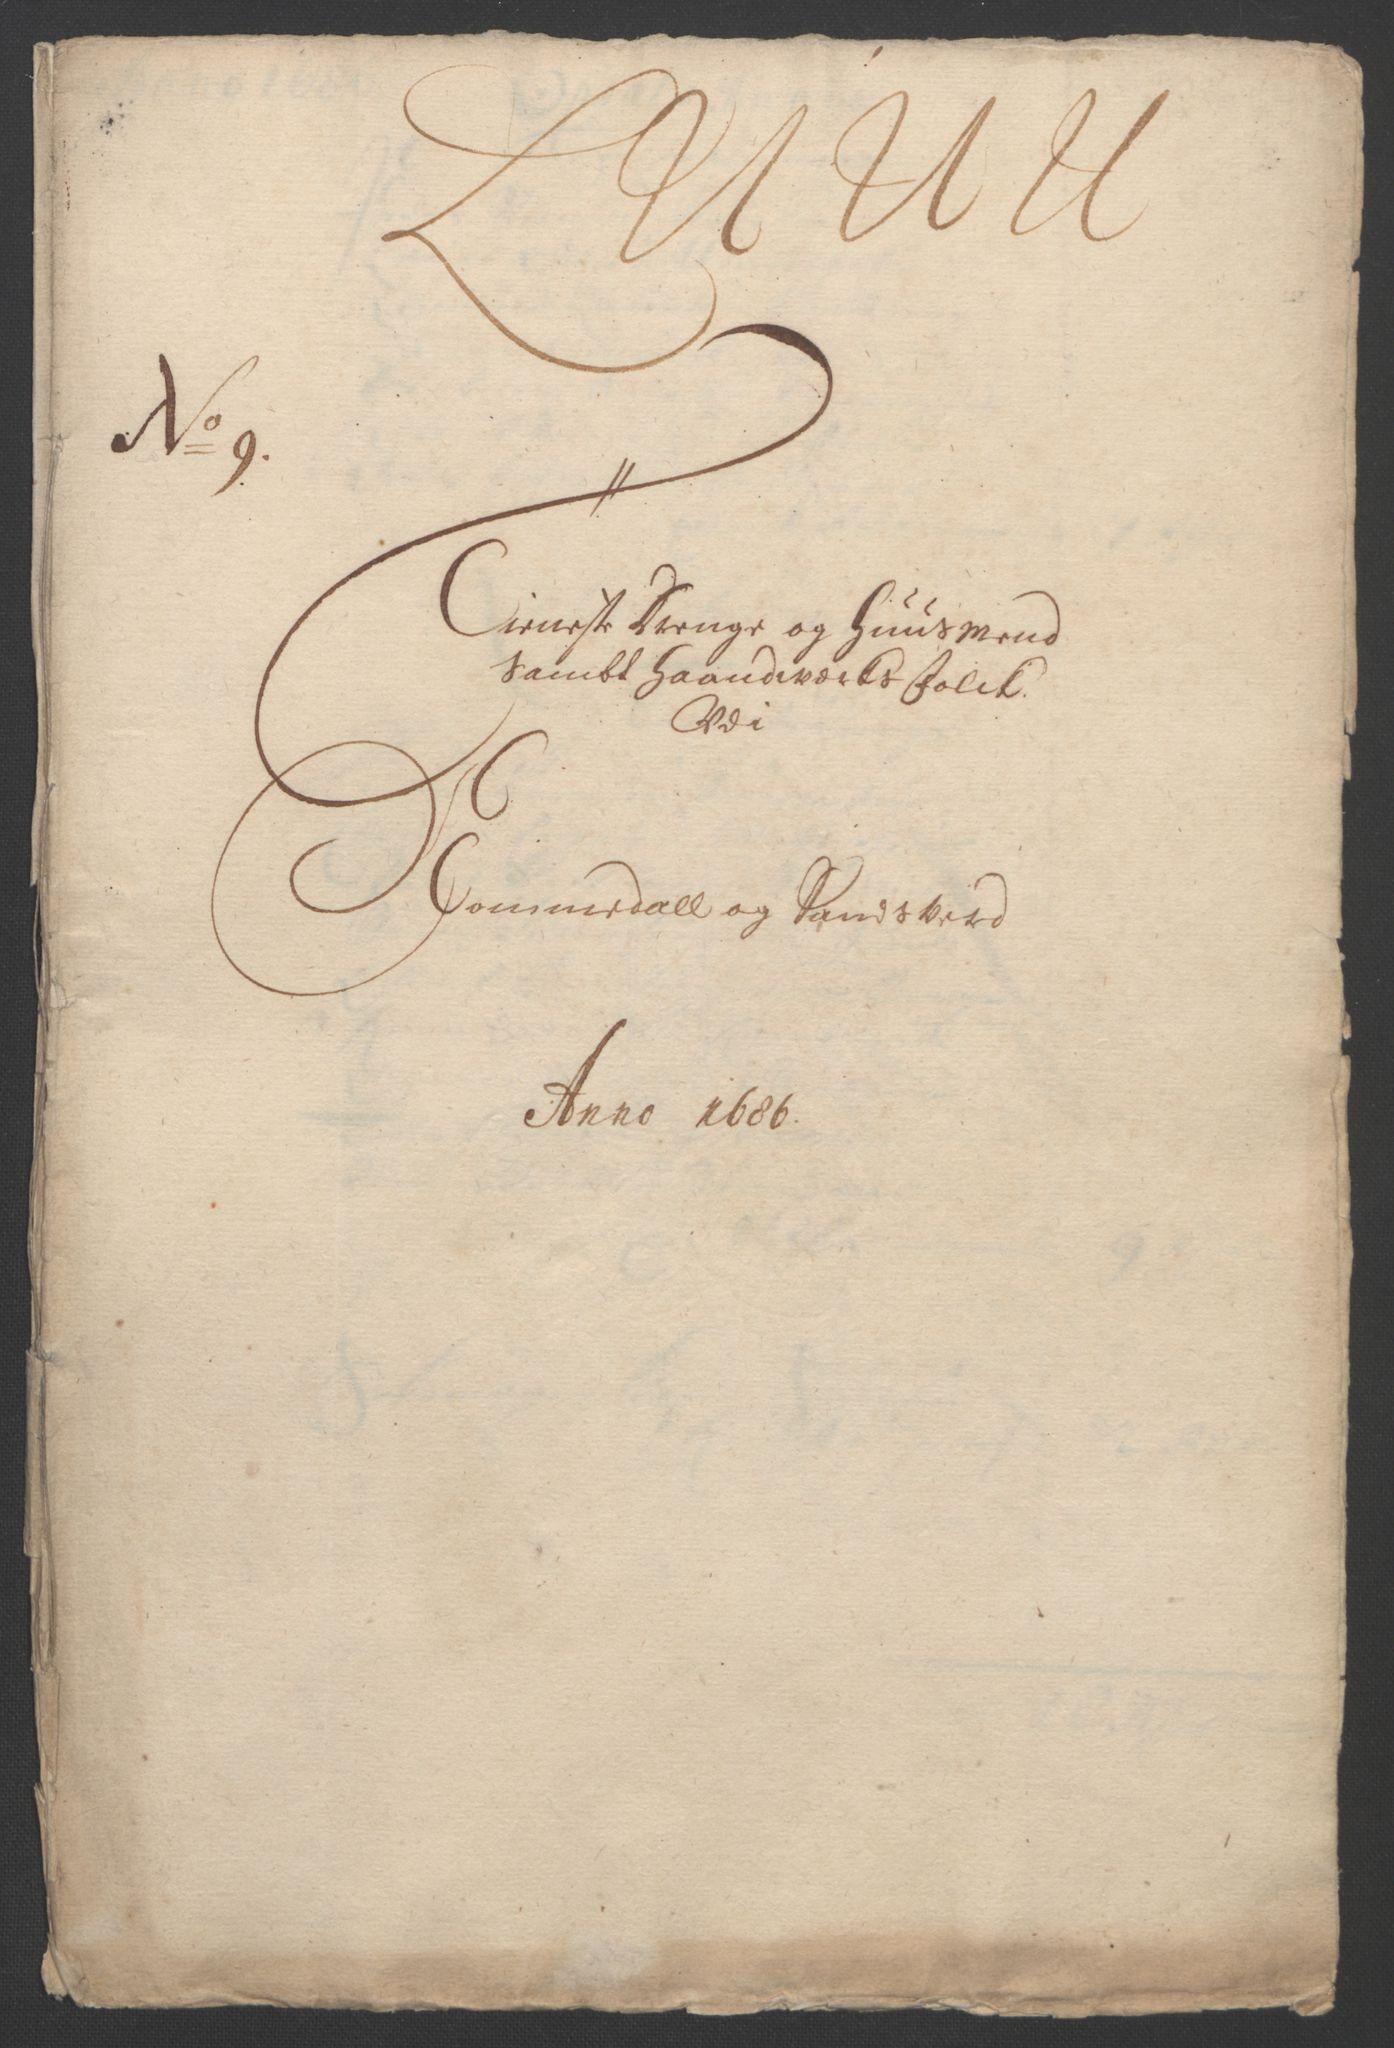 RA, Rentekammeret inntil 1814, Reviderte regnskaper, Fogderegnskap, R24/L1572: Fogderegnskap Numedal og Sandsvær, 1679-1686, s. 166